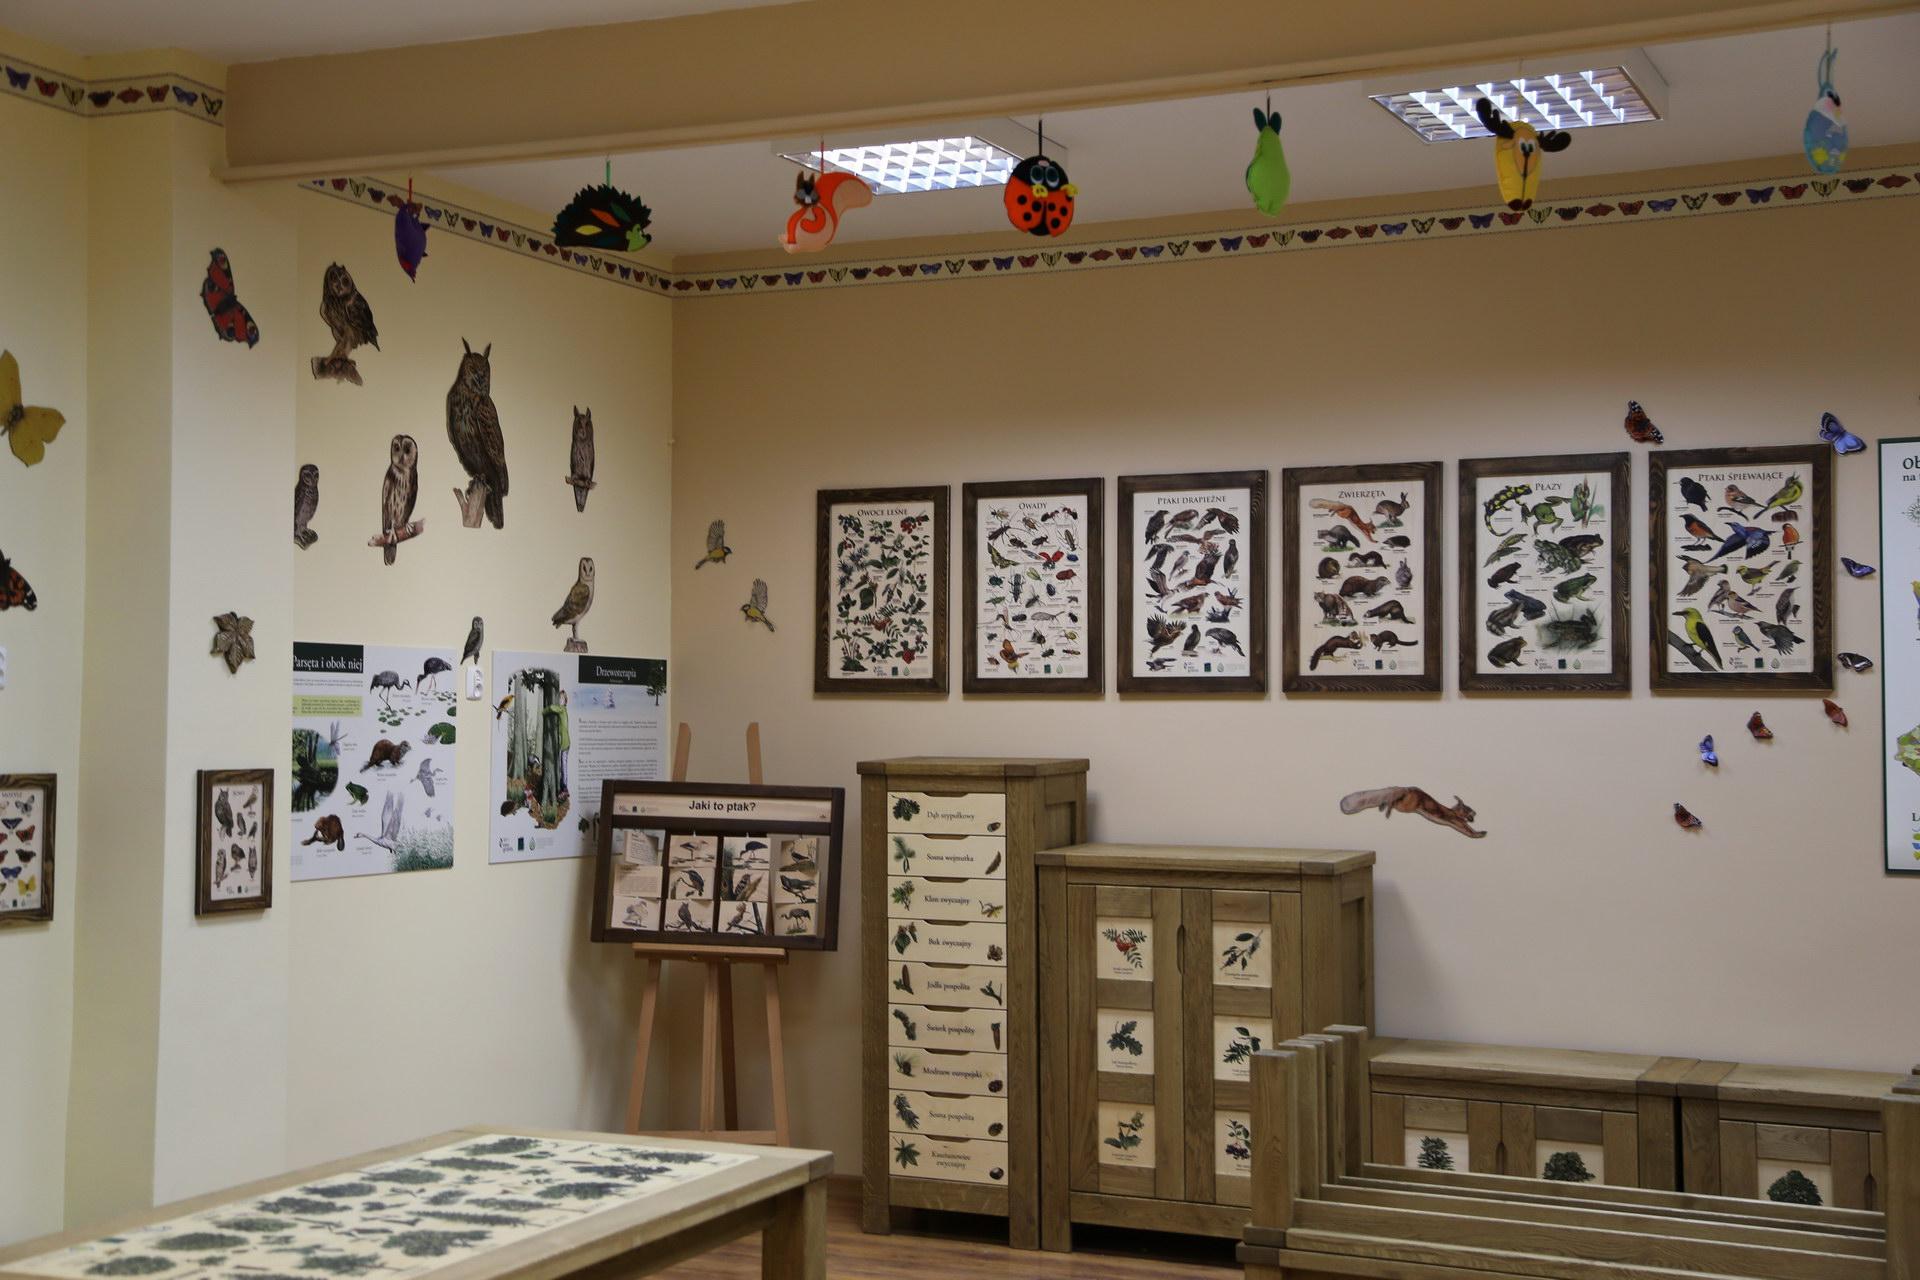 Izby edukacyjne lesne - sale przyrodnicze, wystroj wnetrz - SP w Biesiekierzu (3)